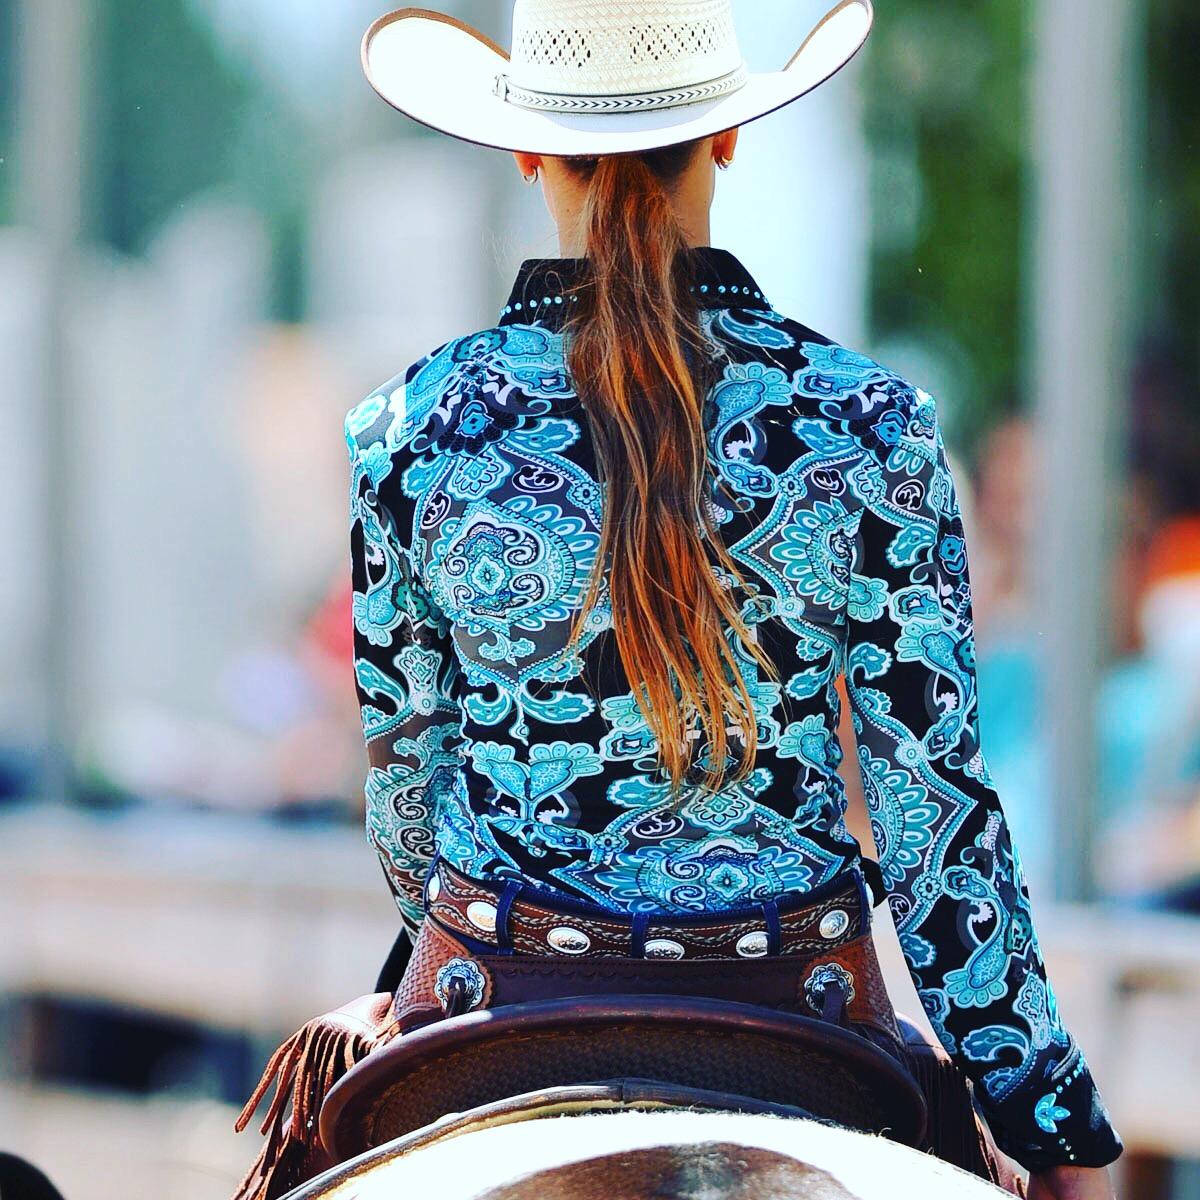 #spiritsays: Skirt the obstacles